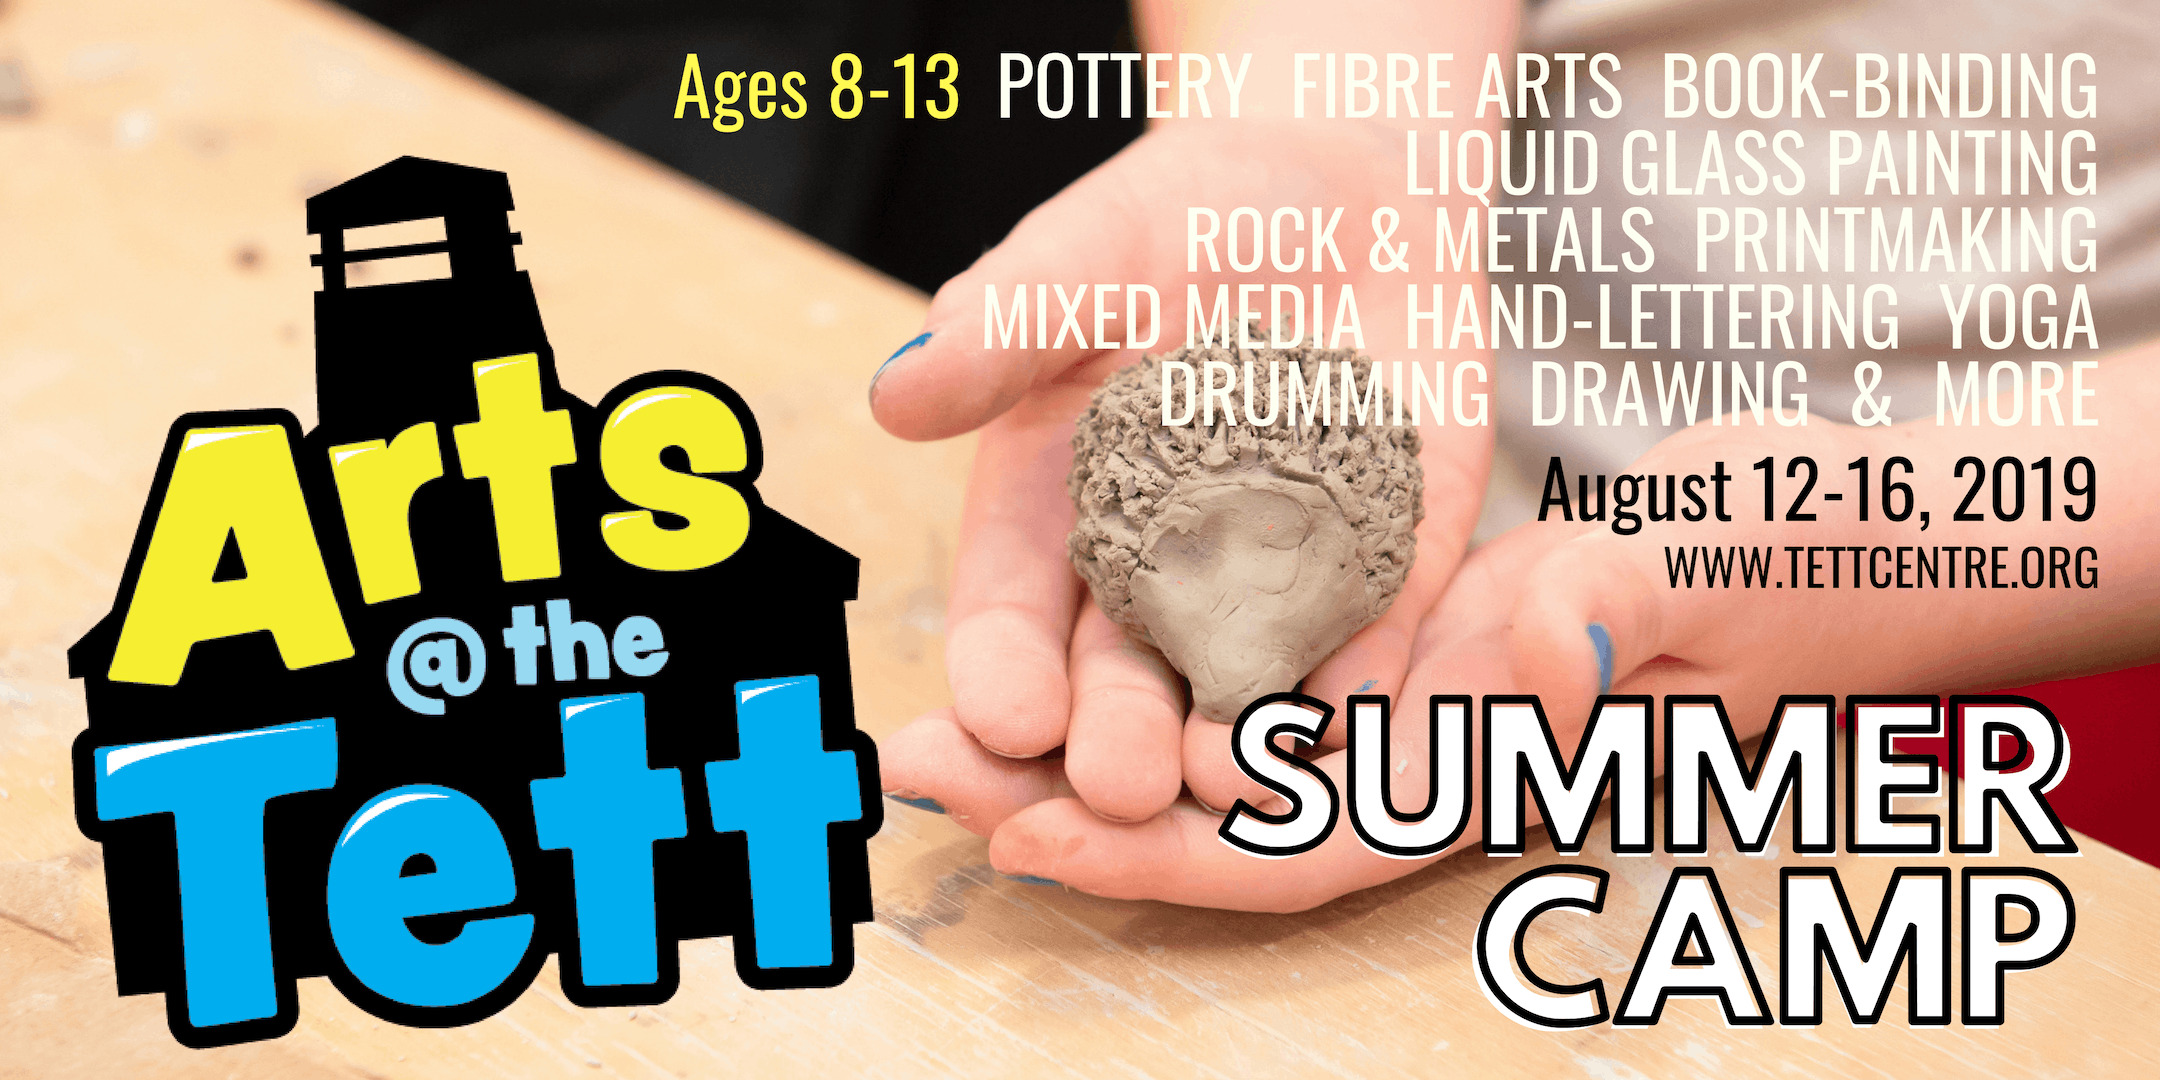 Arts at the Tett Summer Camp